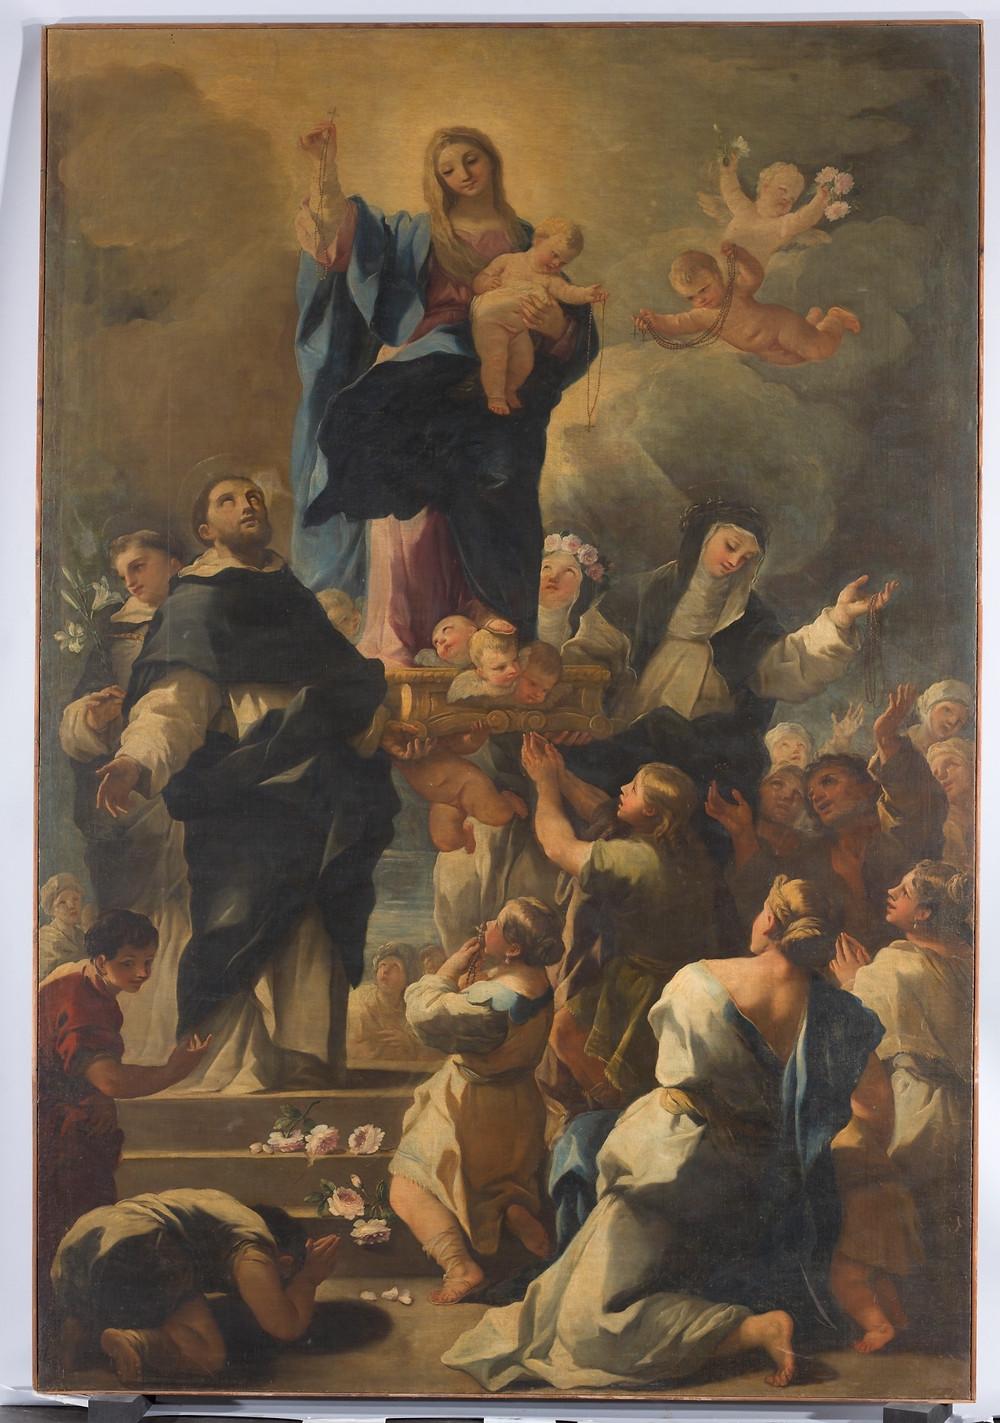 Finales del siglo XVII - Principio del siglo XVIII. Óleo sobre lienzo, 305 x 208 cm. Museo del Prado